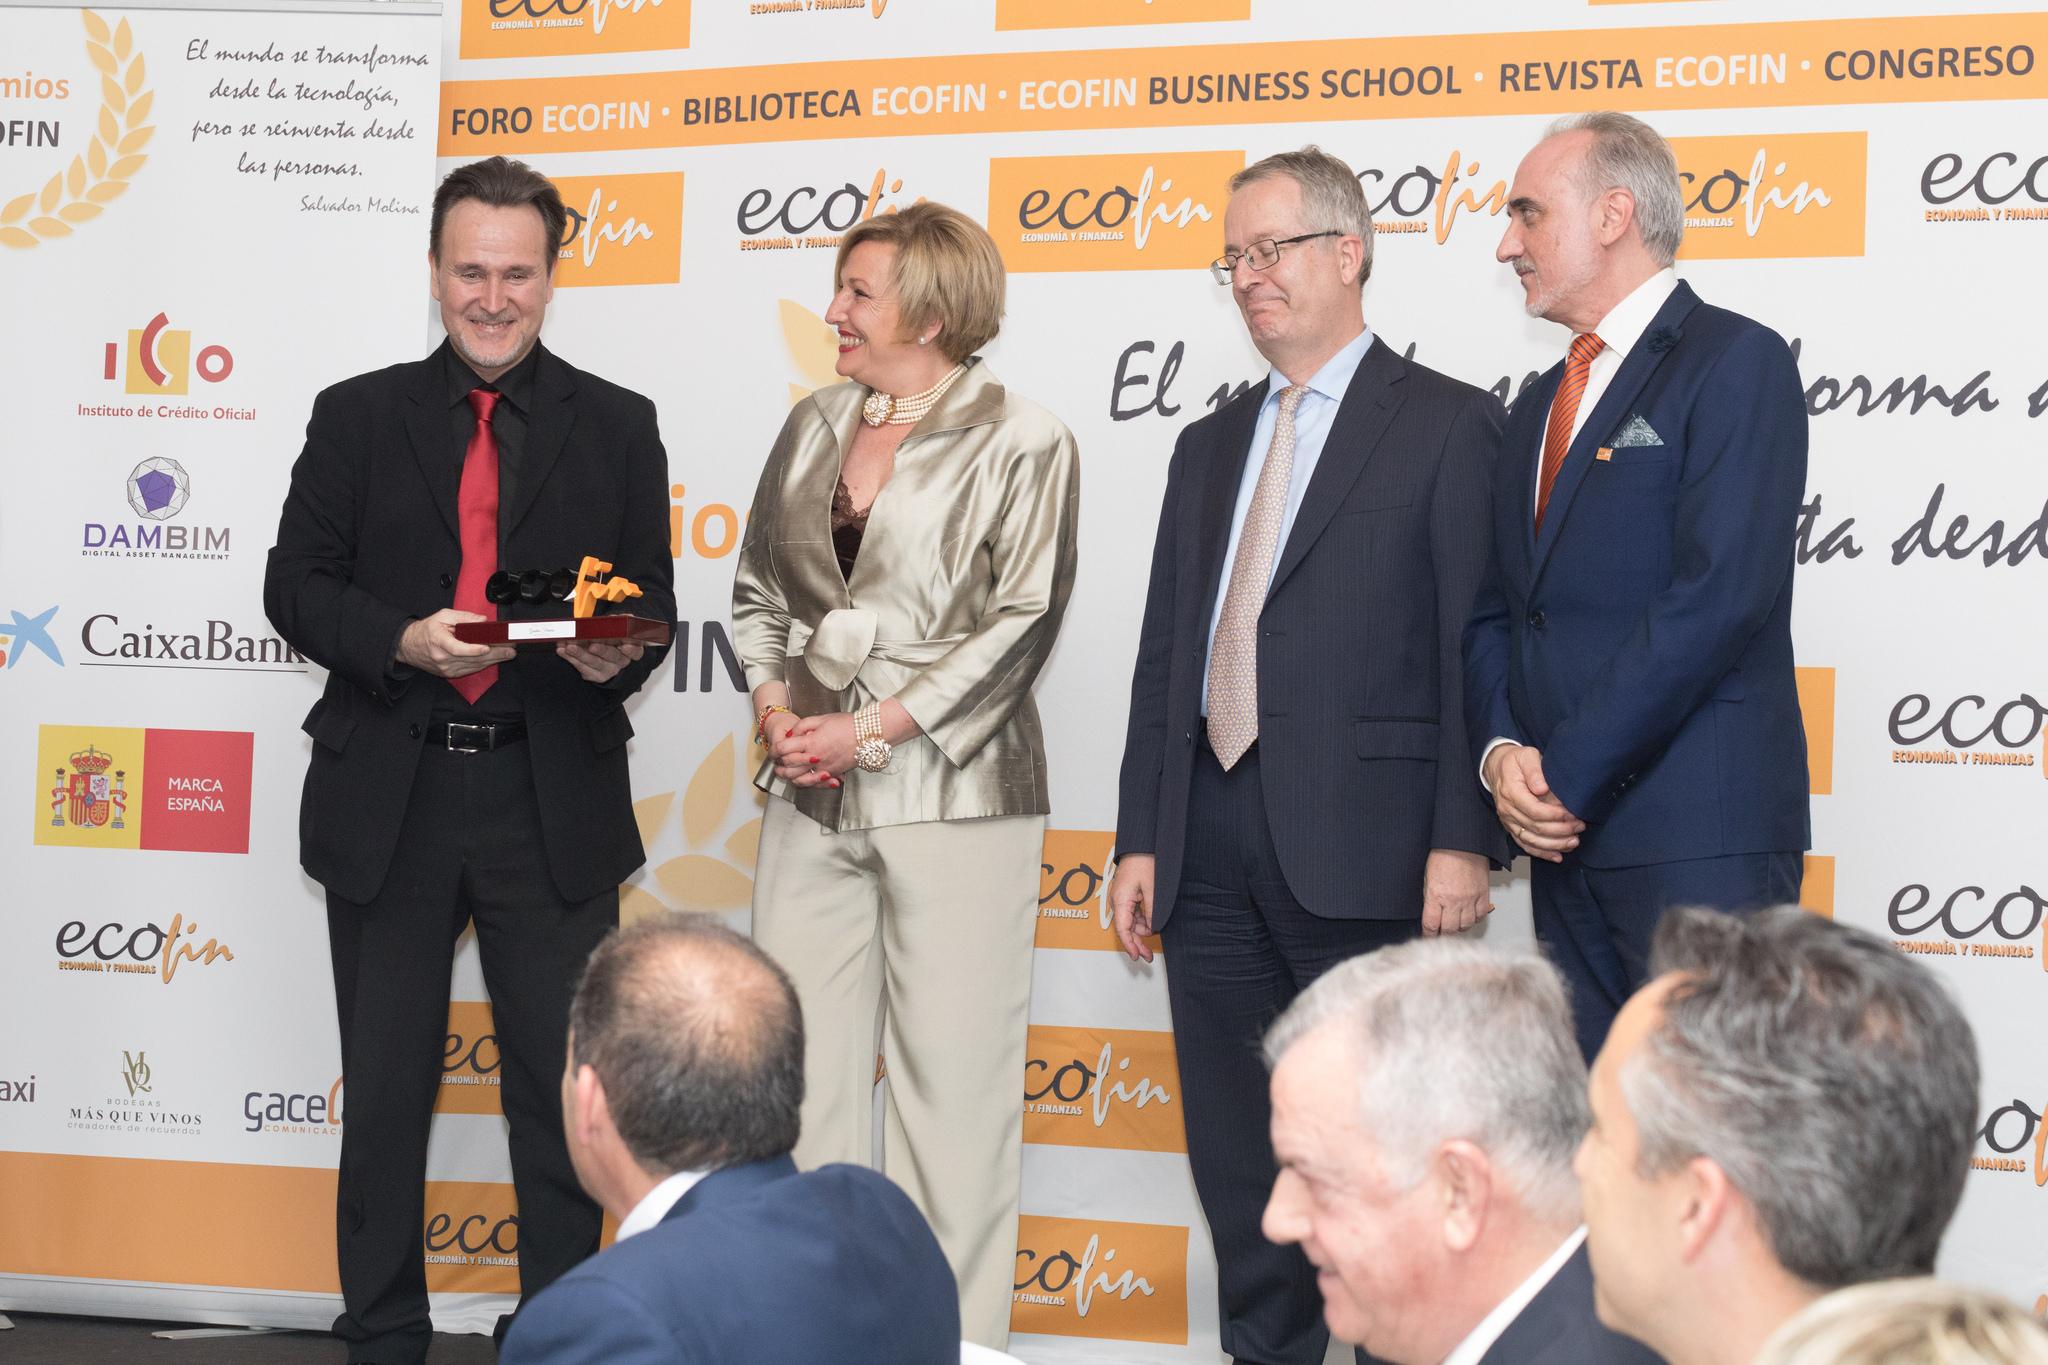 De izquierda a derecha: Gustavo Ferreiro, Ofelia Santiago, miembro del Comité Científico ECOFIN, Javier Fernández Aguado y Salvador Molina (Fotografía: Laura Bonachea).